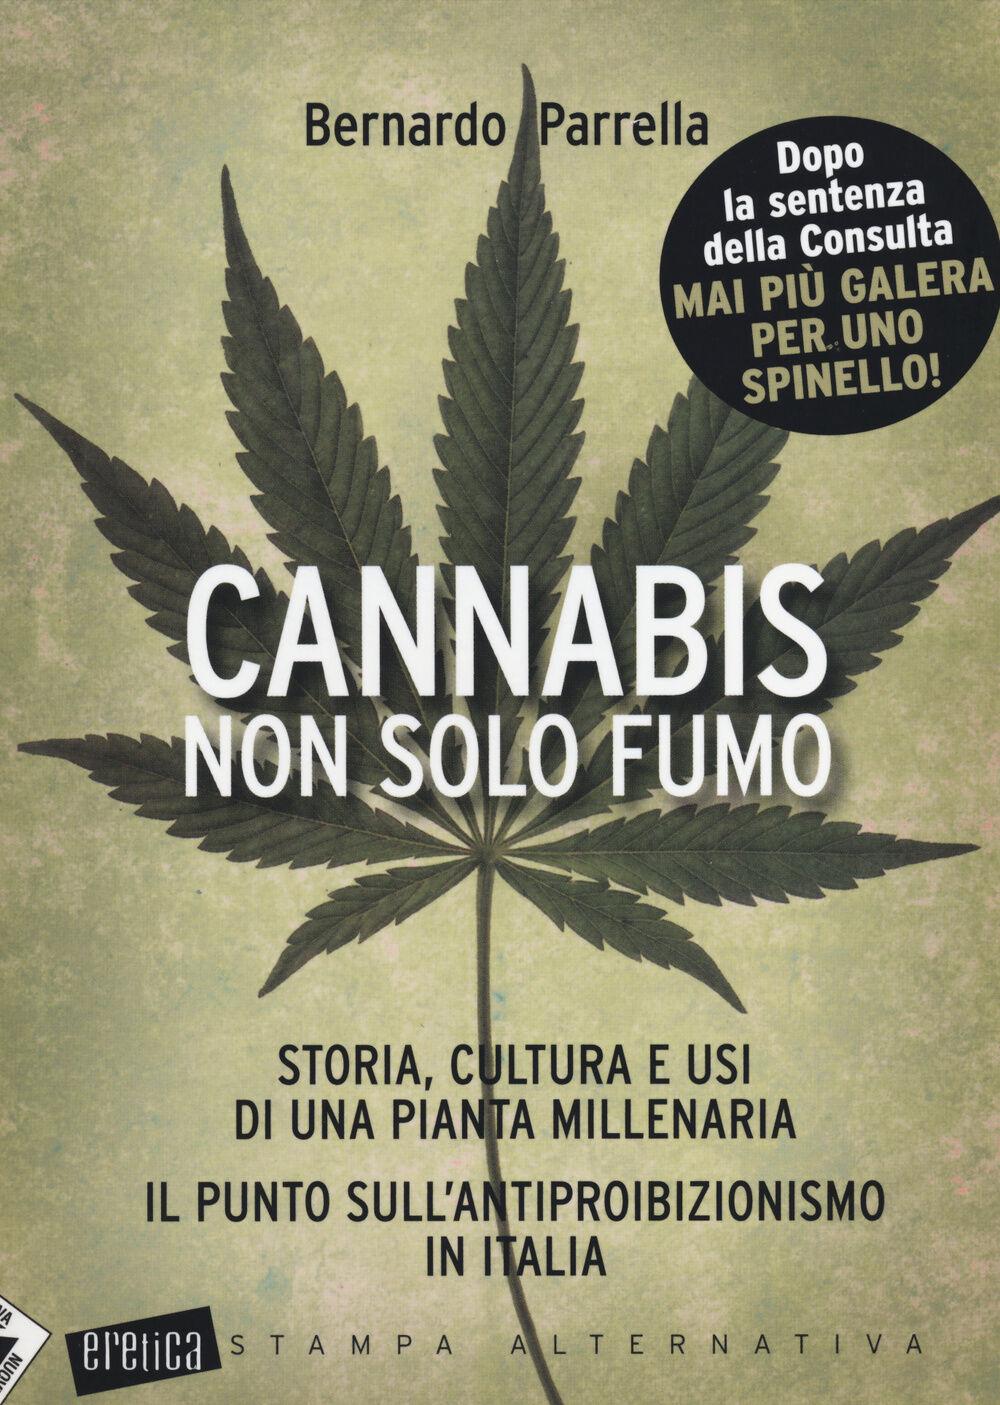 Cannabis non solo fumo. Storia, cultura e usi di una pianta millenaria. Il punto sull'antiproibizionismo in Italia